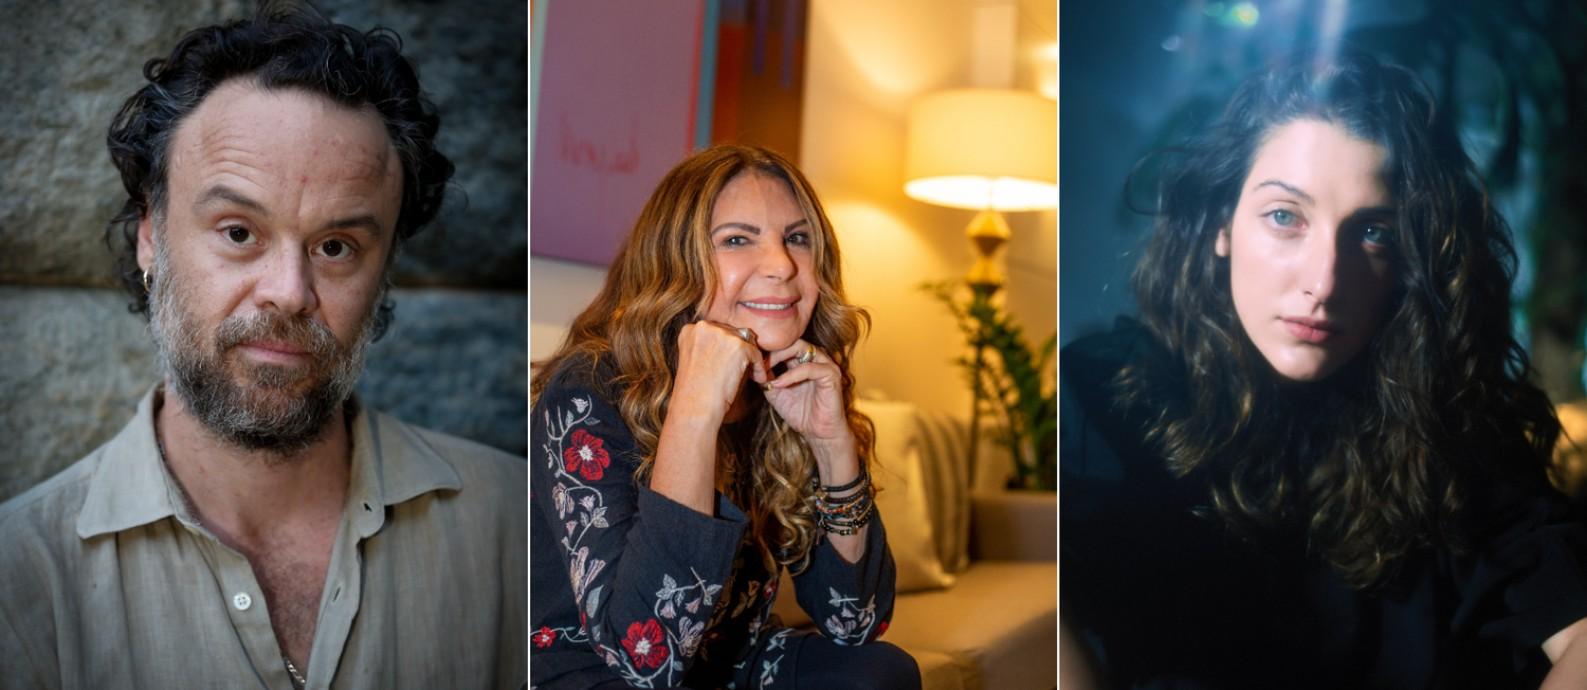 Rodrigo Amarante, Elba Ramalho e Clarice Falcão estarão no festival digital #tamojunto Foto: Roberto Moreyra/Gabriela Fittipaldi/Divulgação (Pedro Pinho)